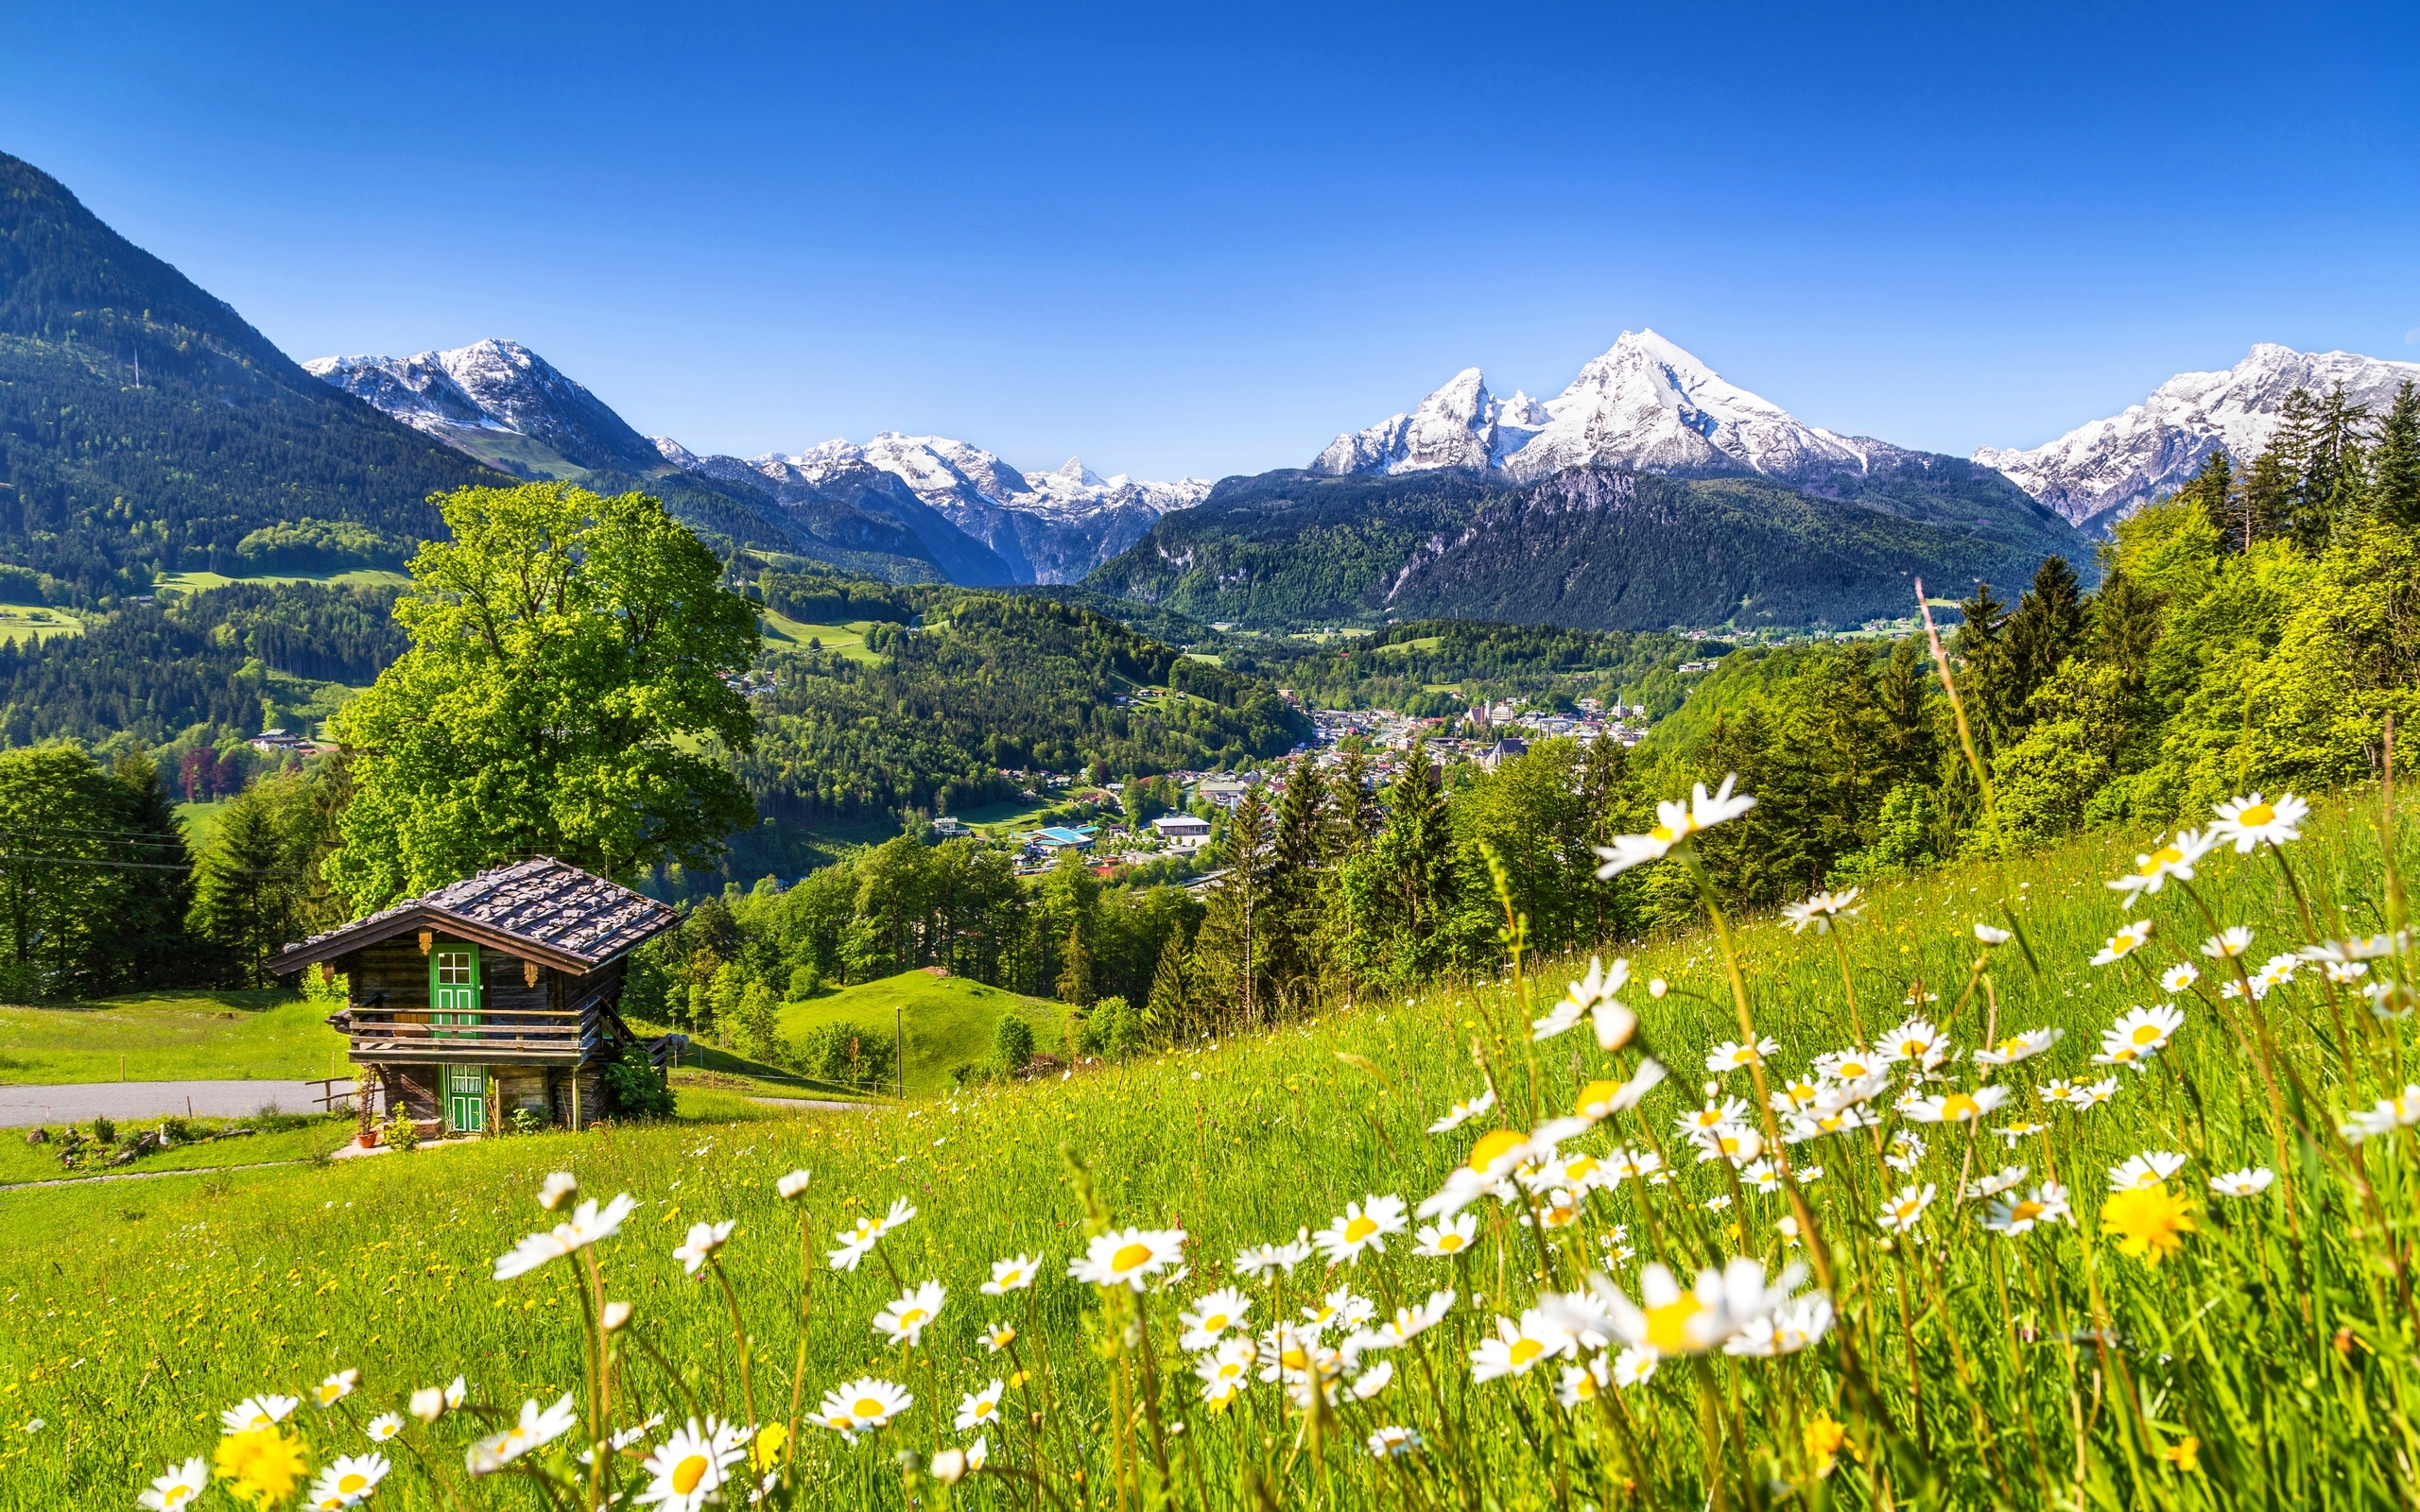 Mountain Landscape Wallpaper | 2560x1600 | ID:62225 ...